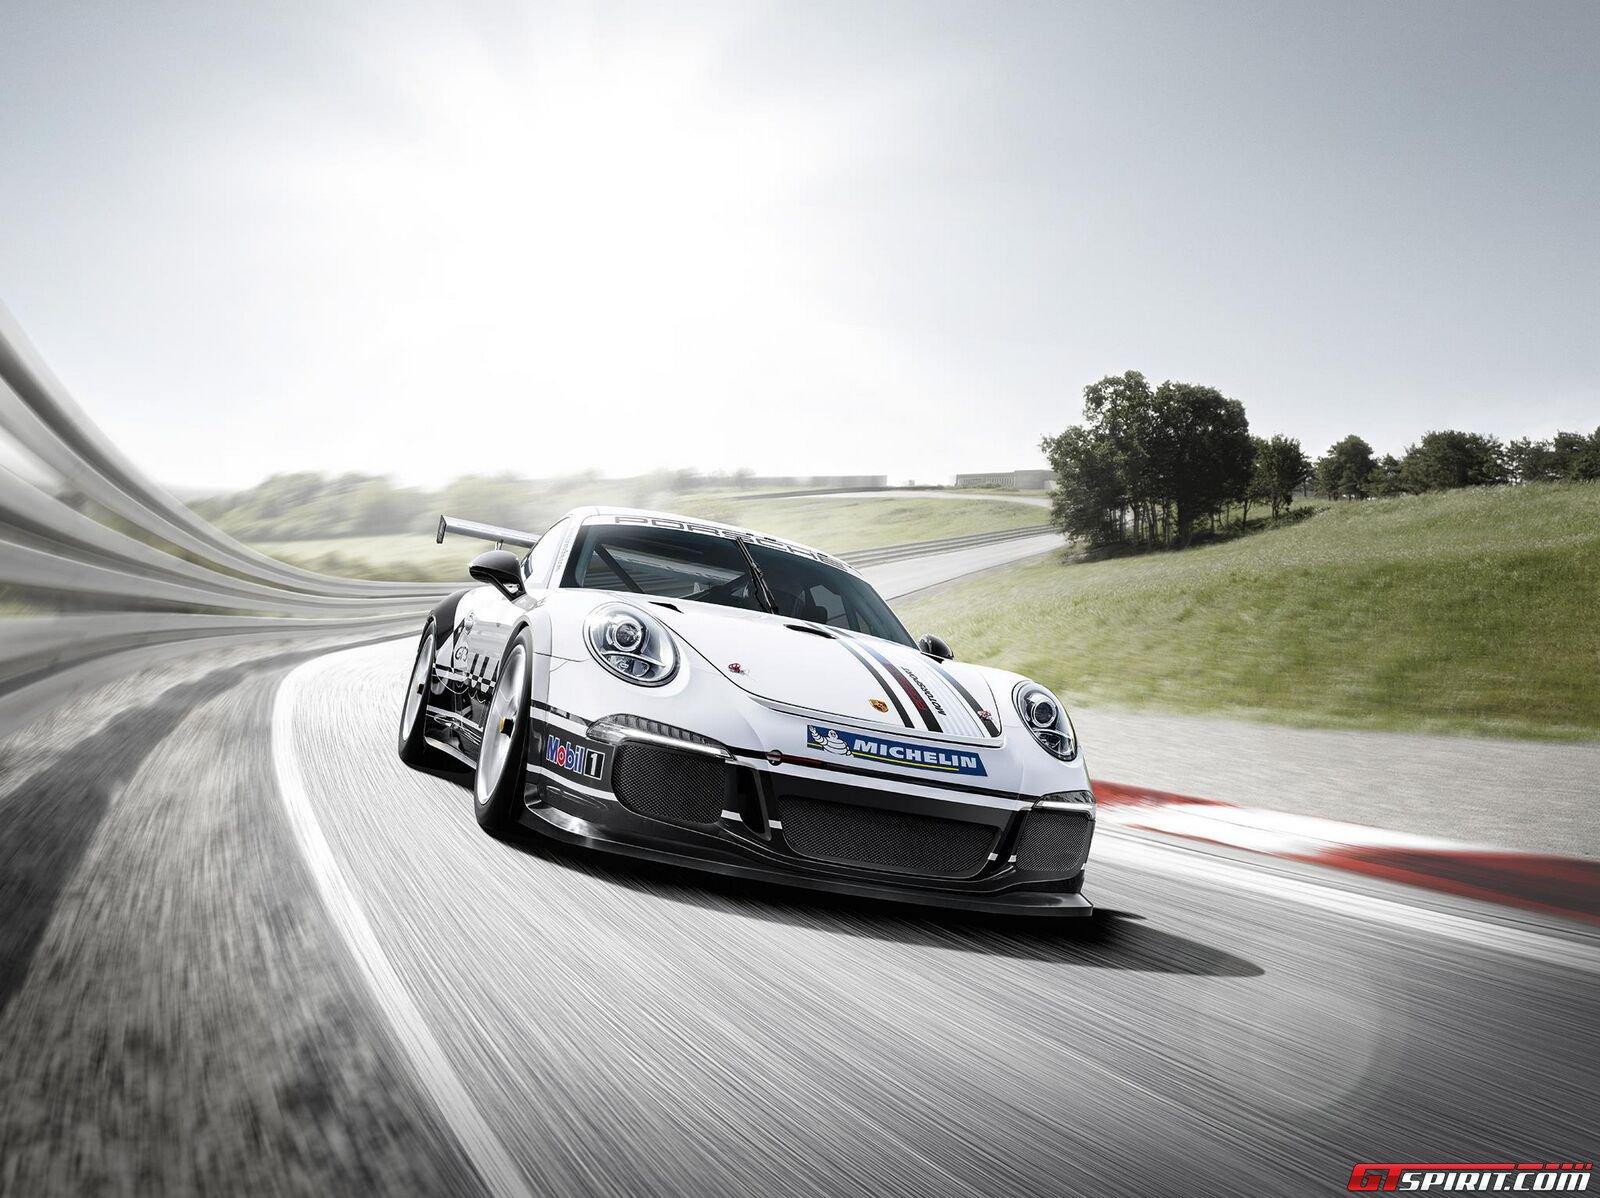 2013 Porsche 911 GT3 Cup - Part 2 Photo 8